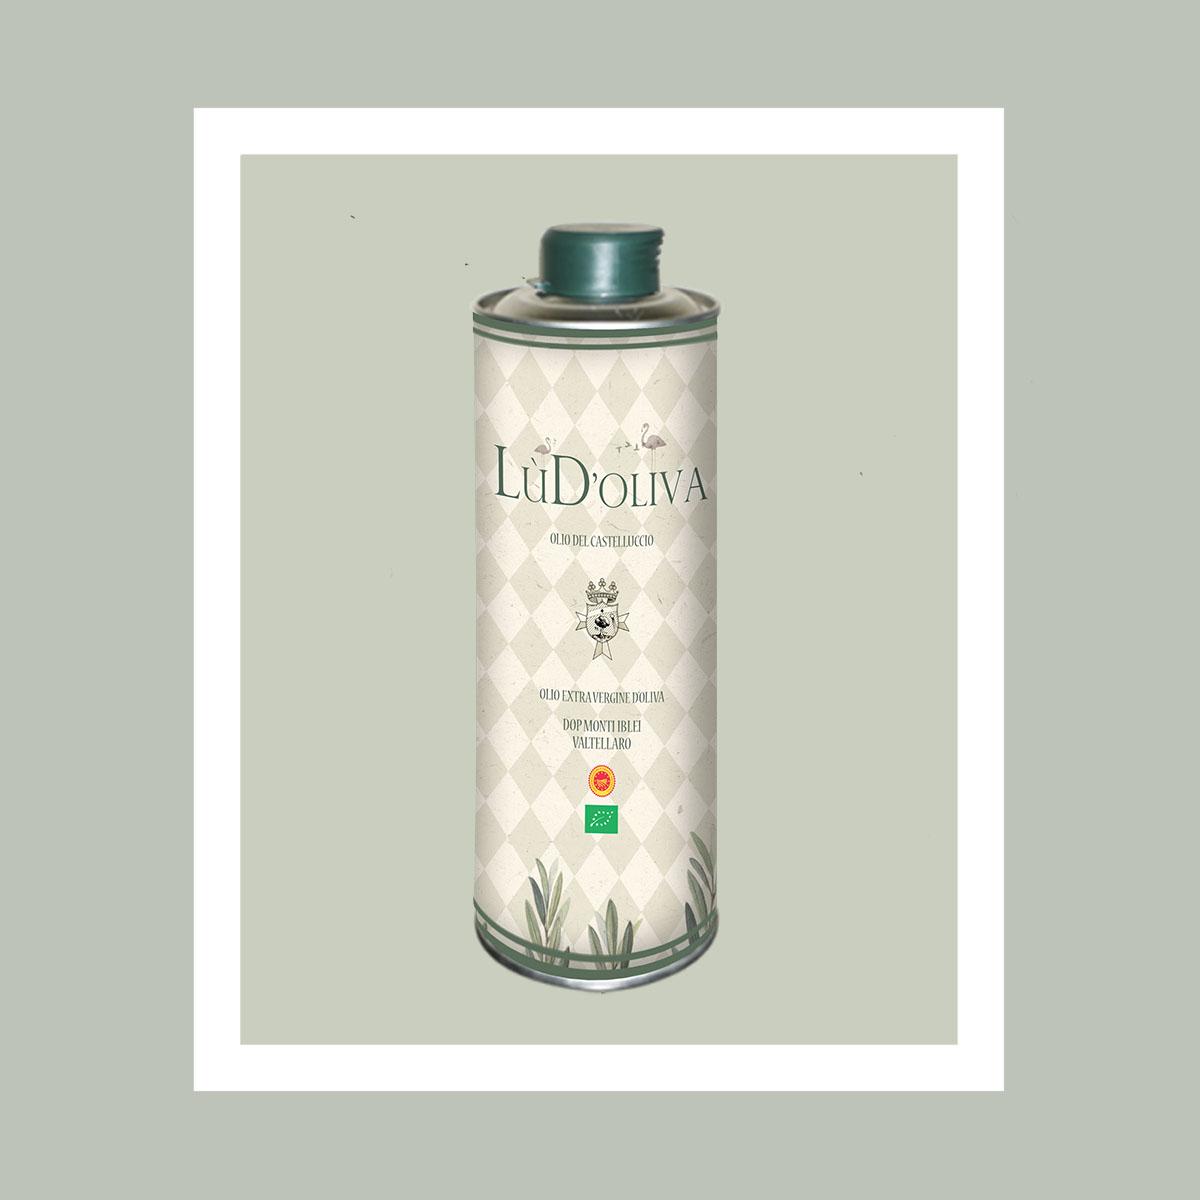 olio extravergine di oliva siciliano